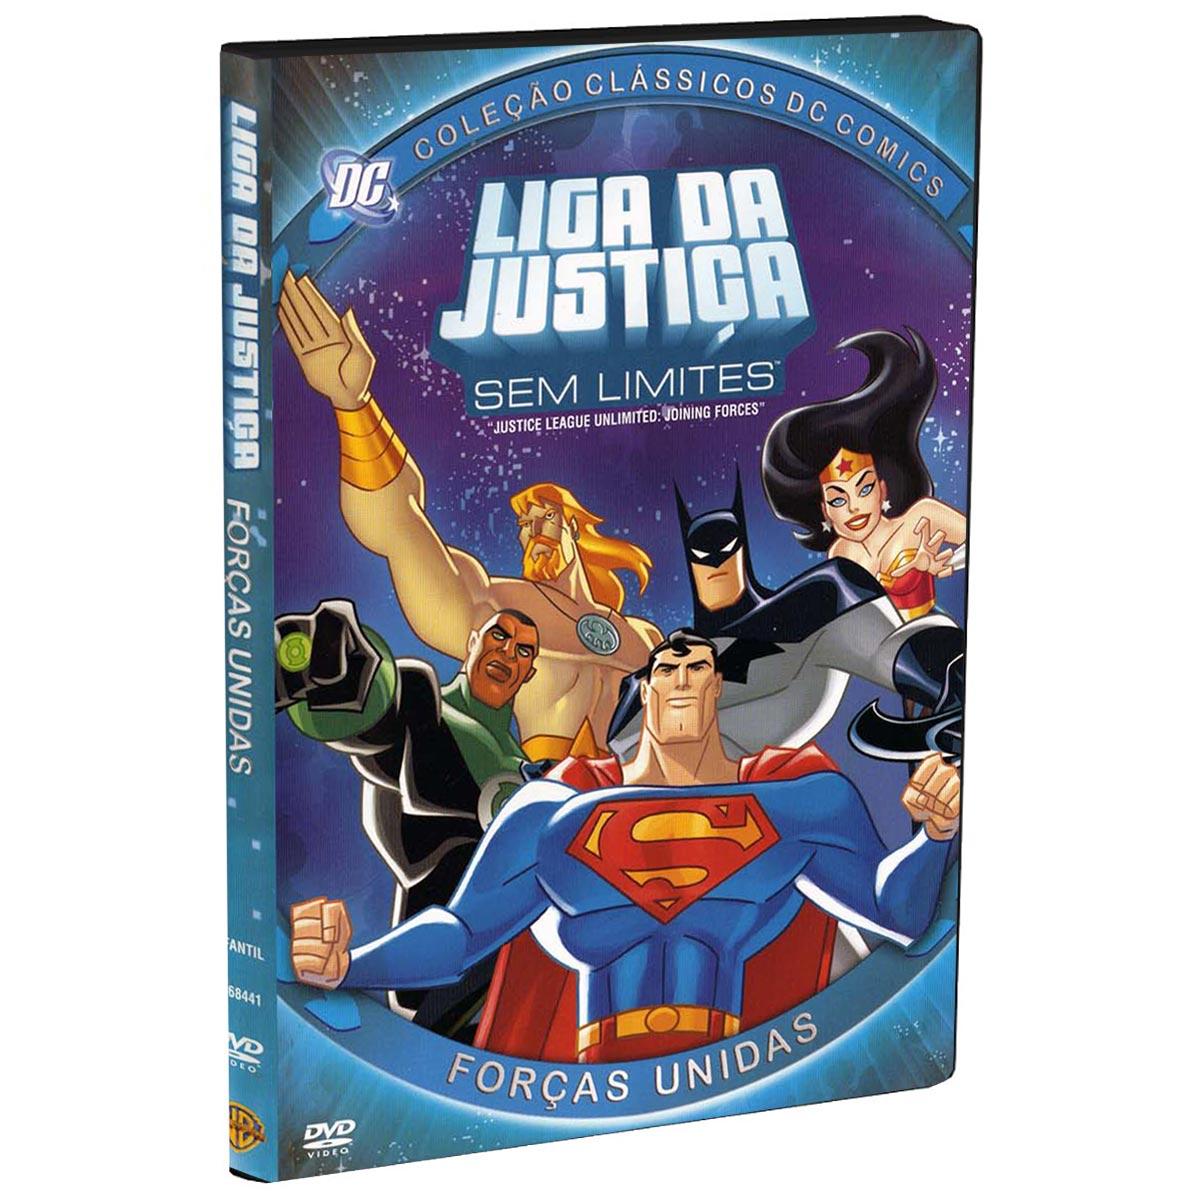 DVD Liga da Justiça Sem Limites: Forças Unidas